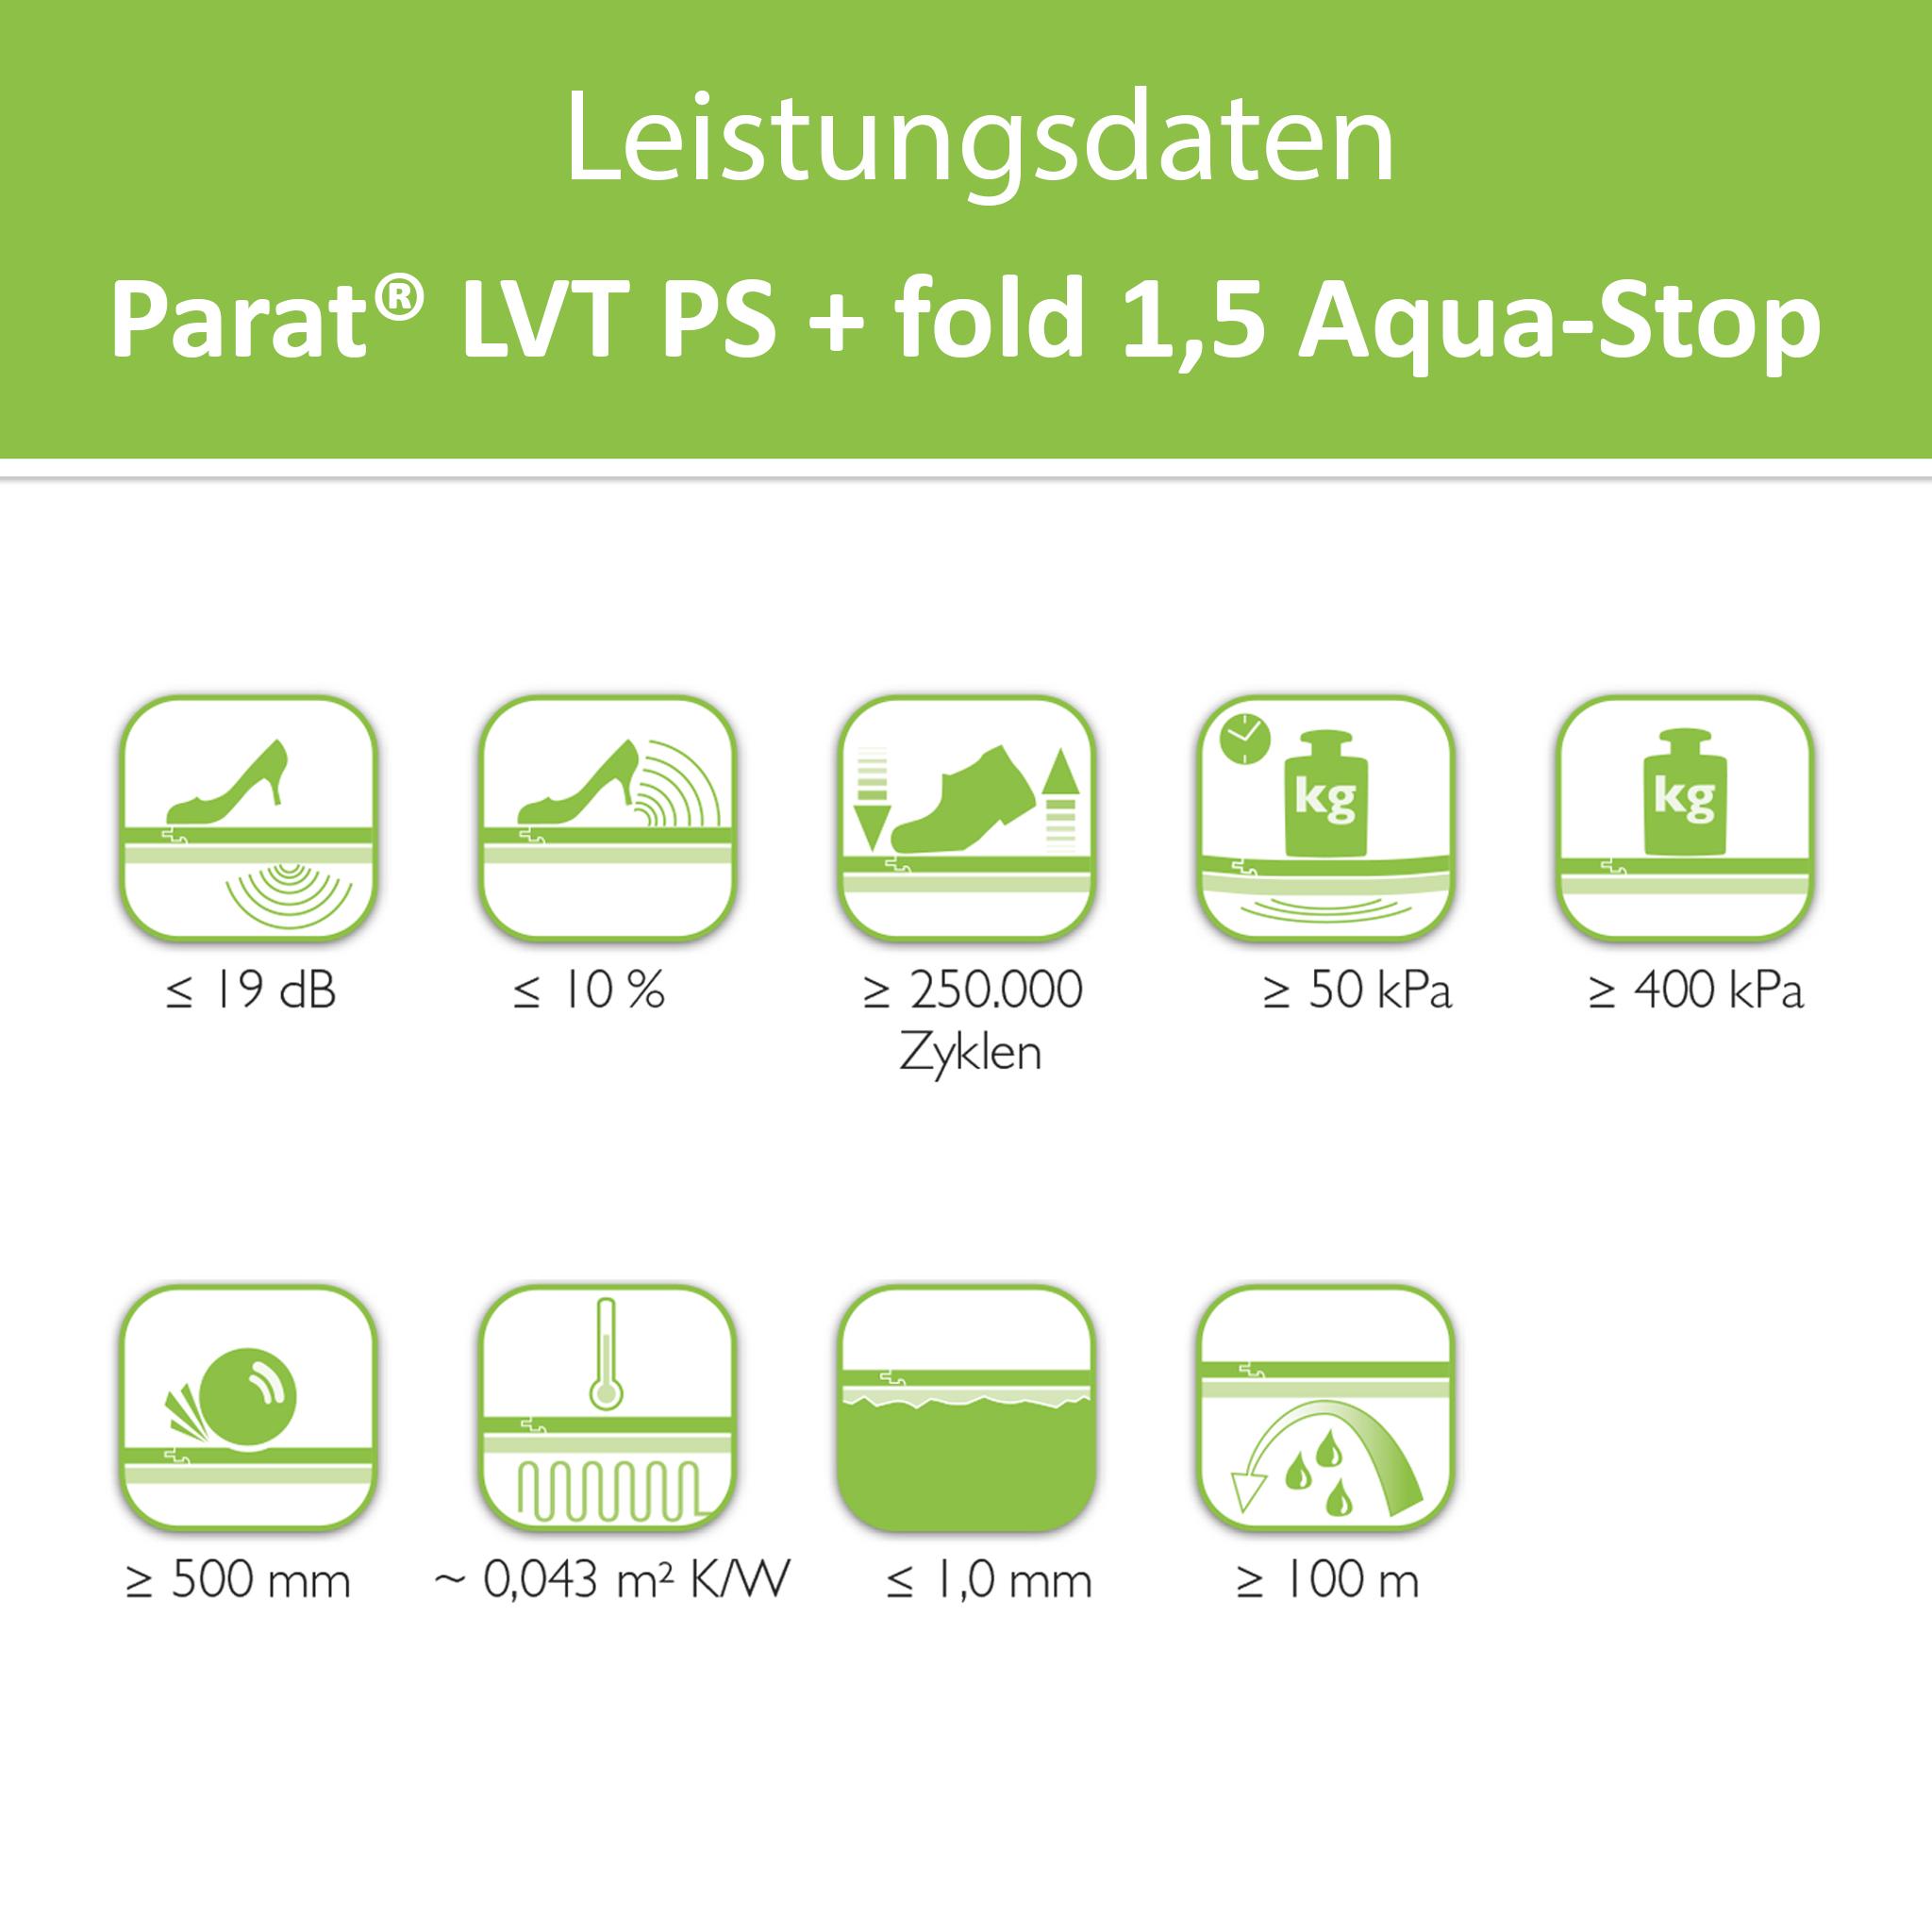 PARAT LVT PS+ Fold 1,5 with Aqua-Stop